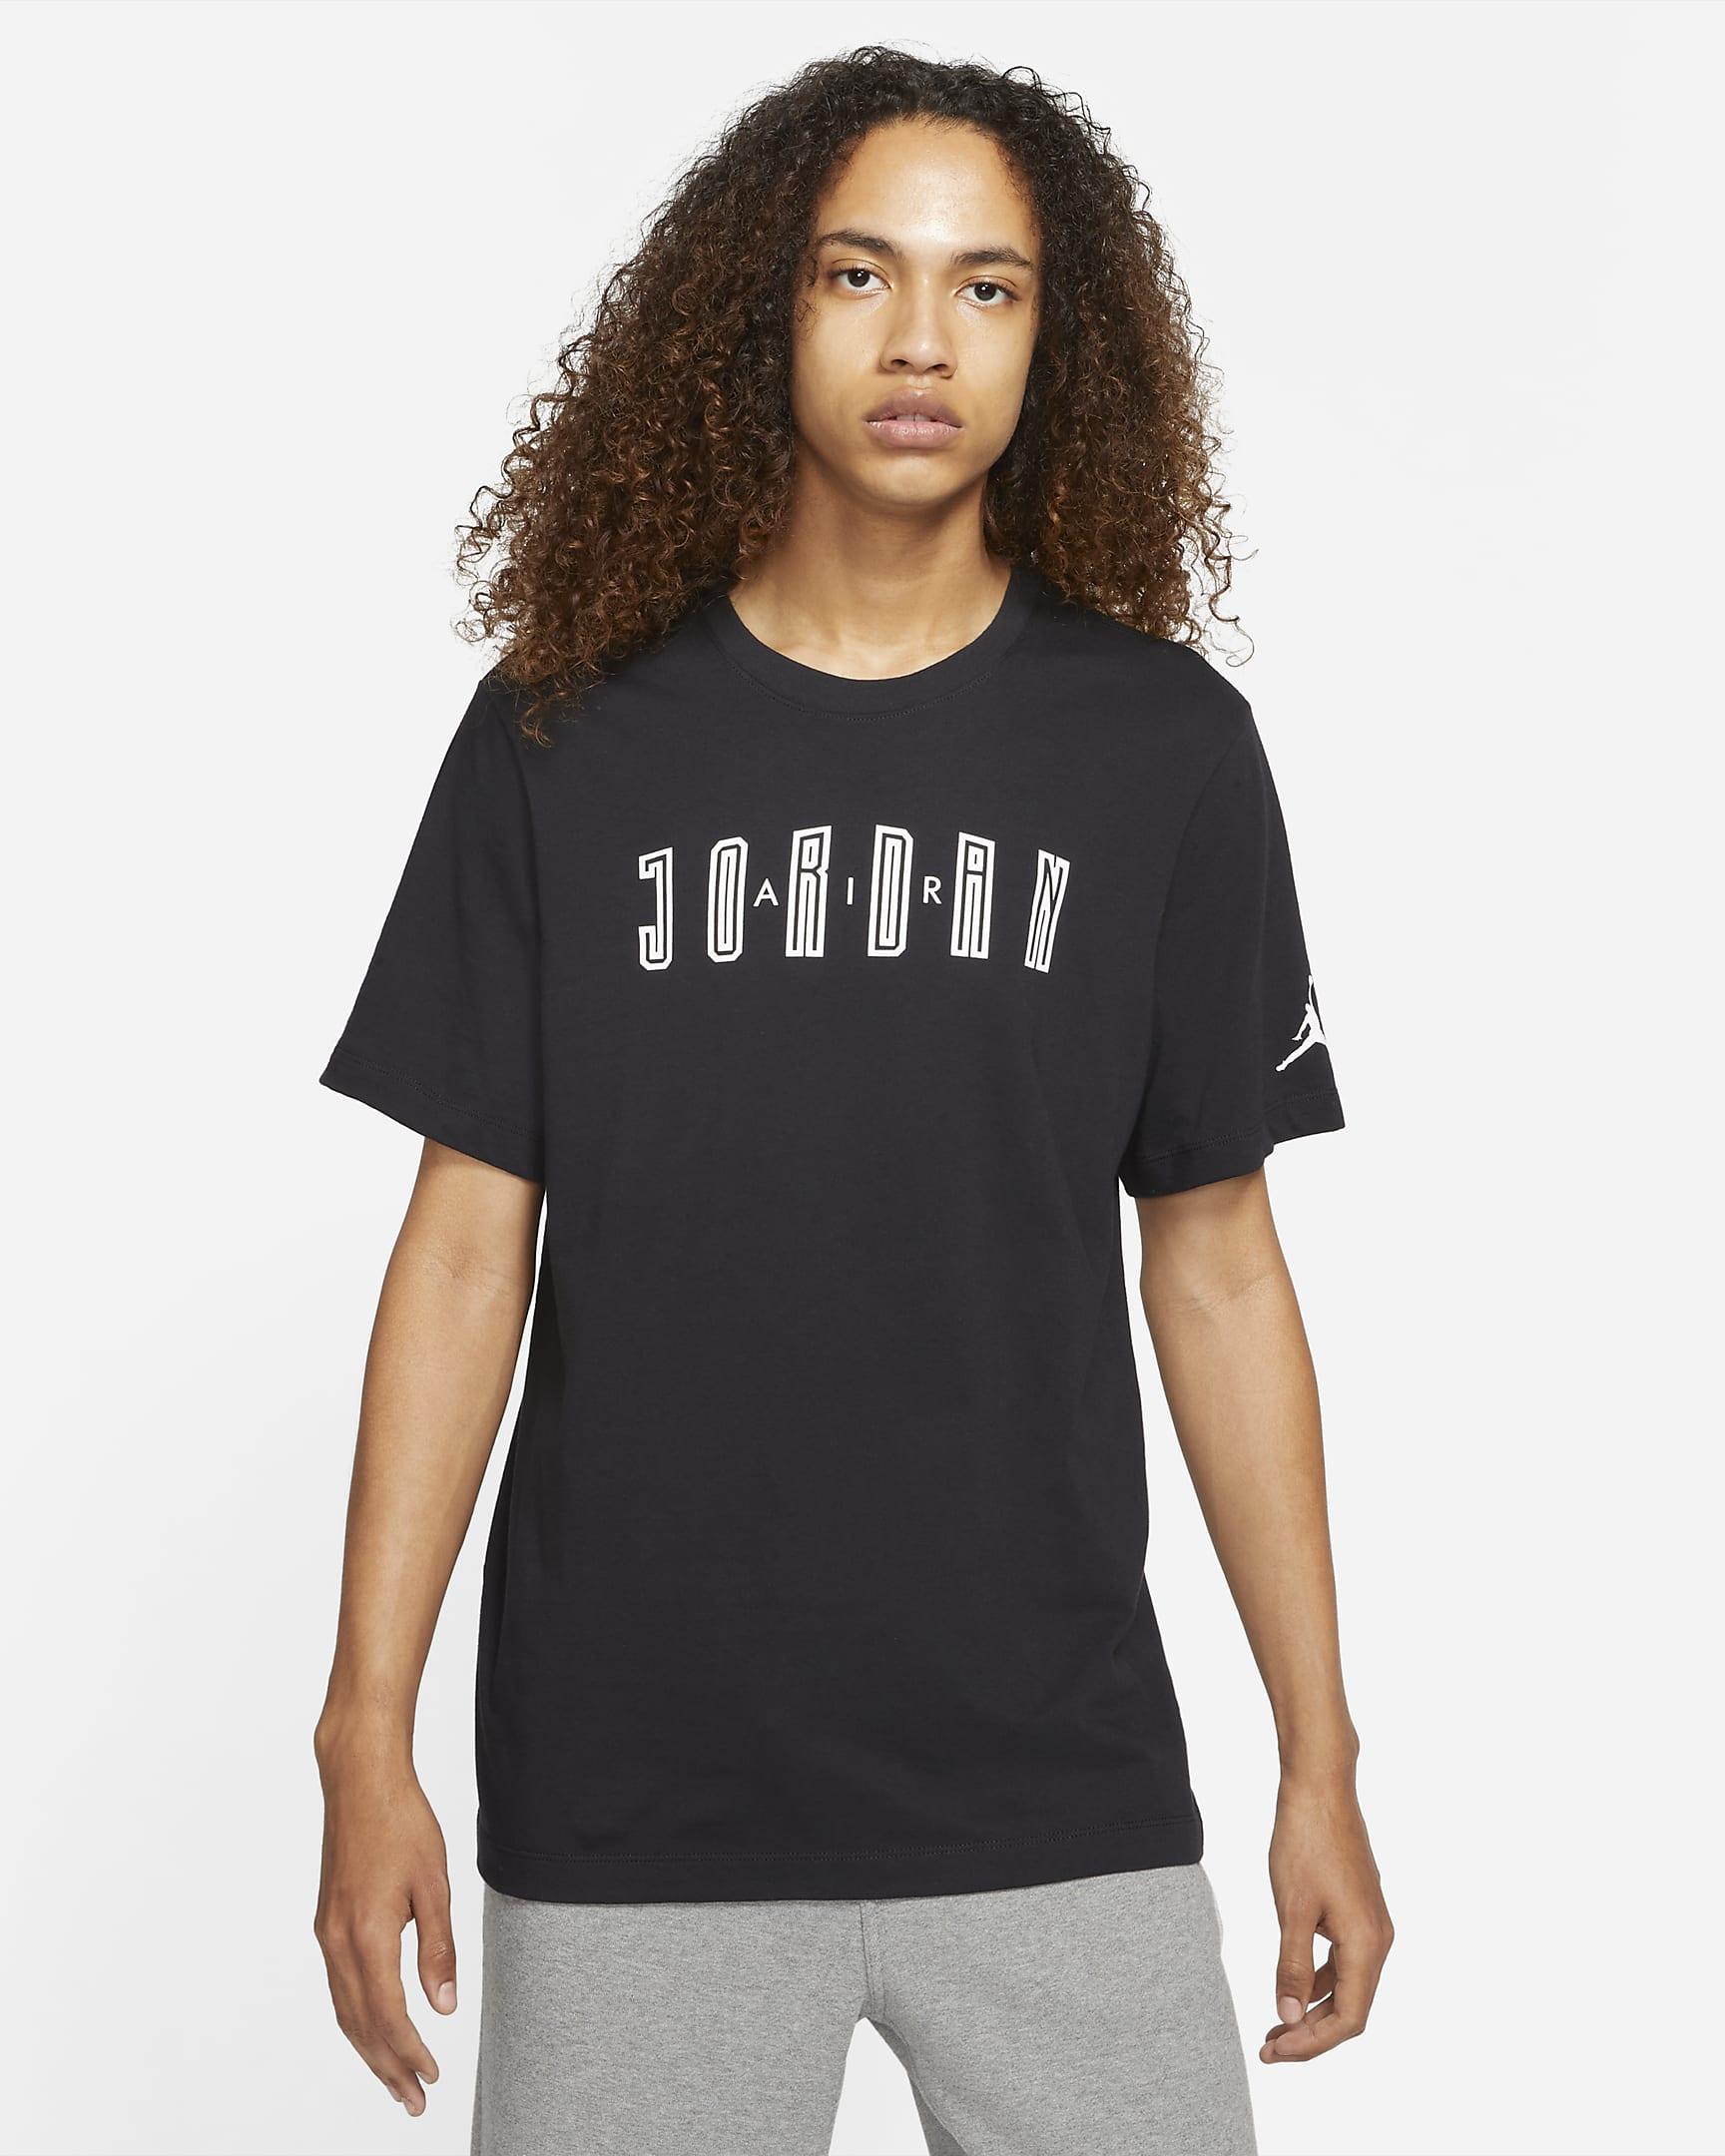 jordan-sport-dna-mens-t-shirt-mHWZLS.png